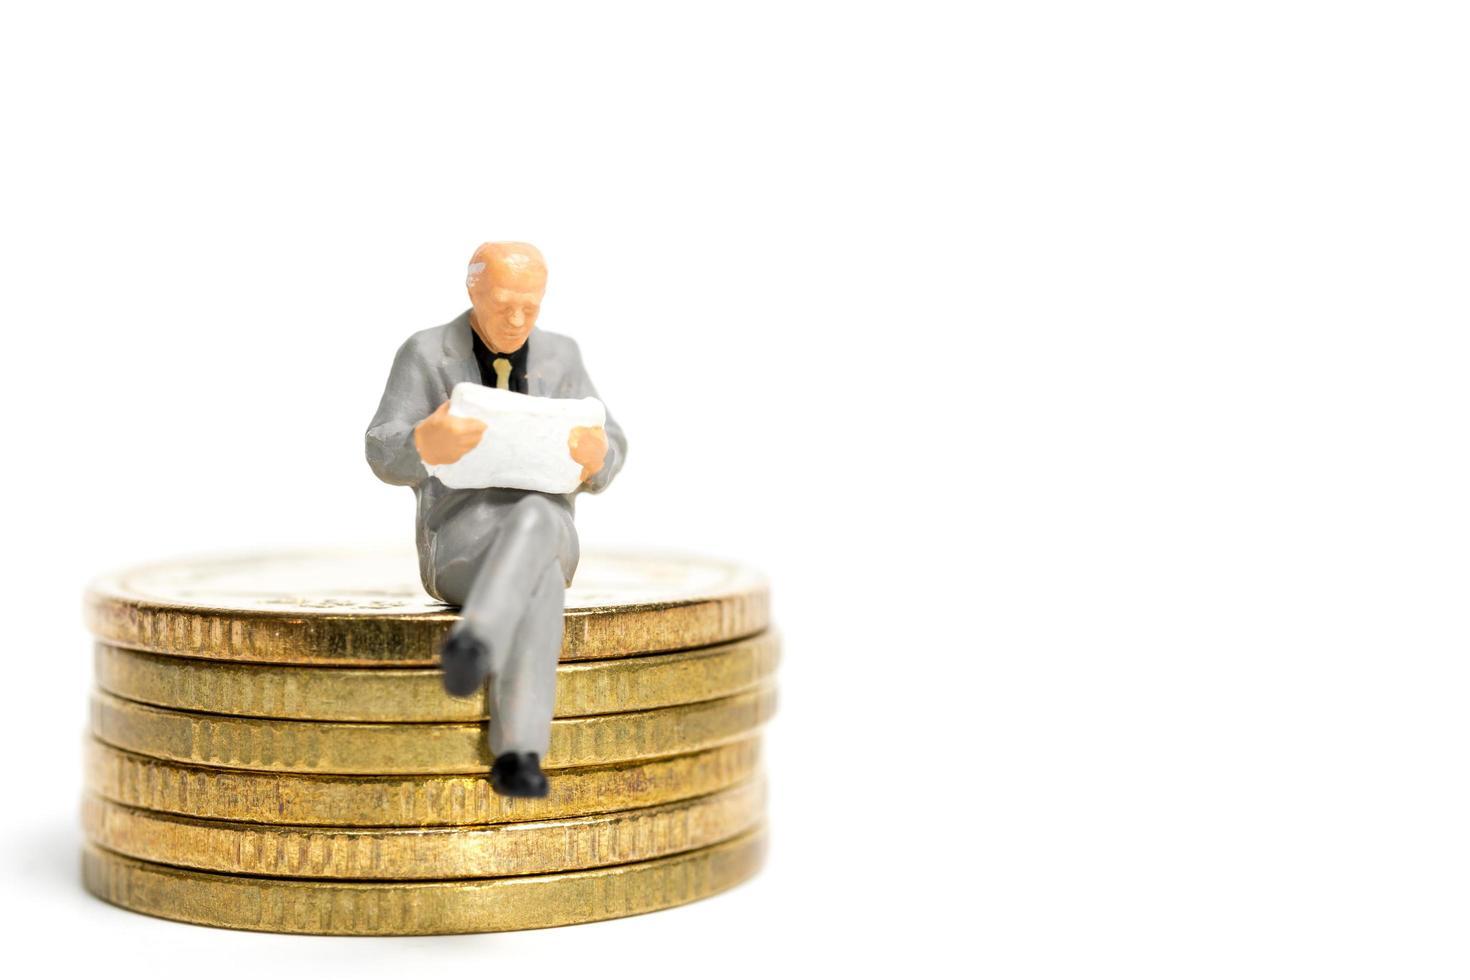 Empresario en miniatura sentado sobre una pila de monedas, dinero y concepto financiero foto